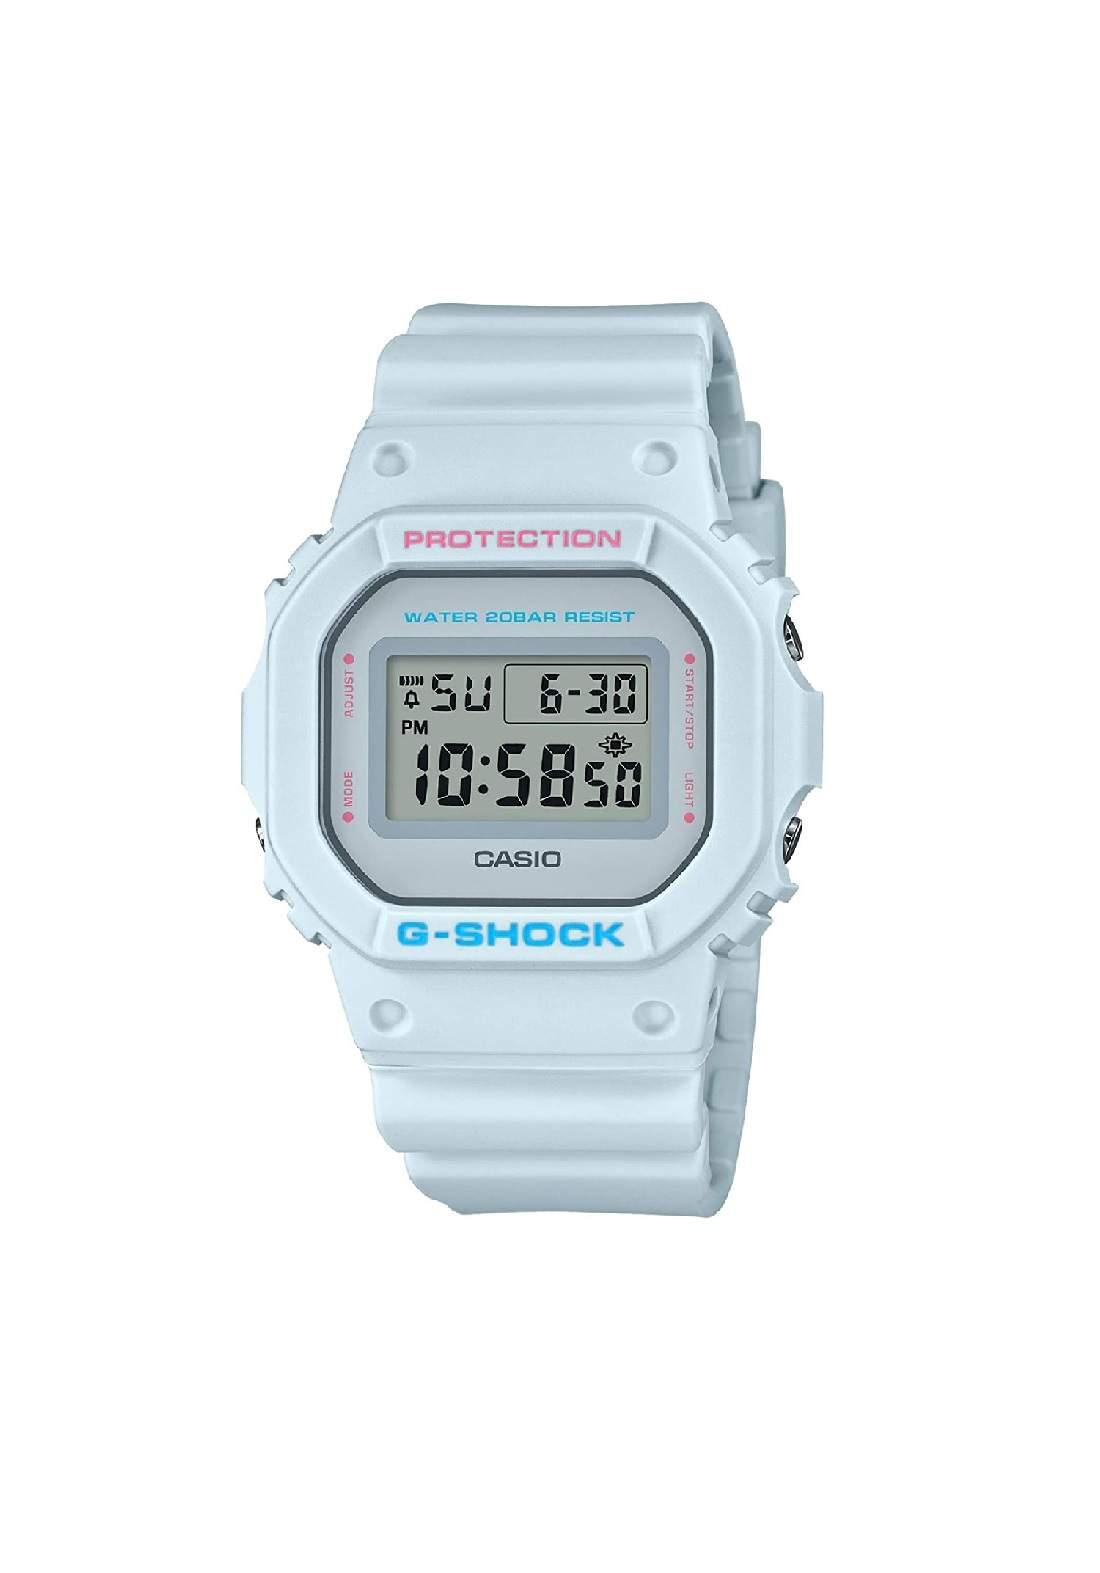 ساعة نسائية رياضية Casio DW-5600SC-8DR سمائية اللون